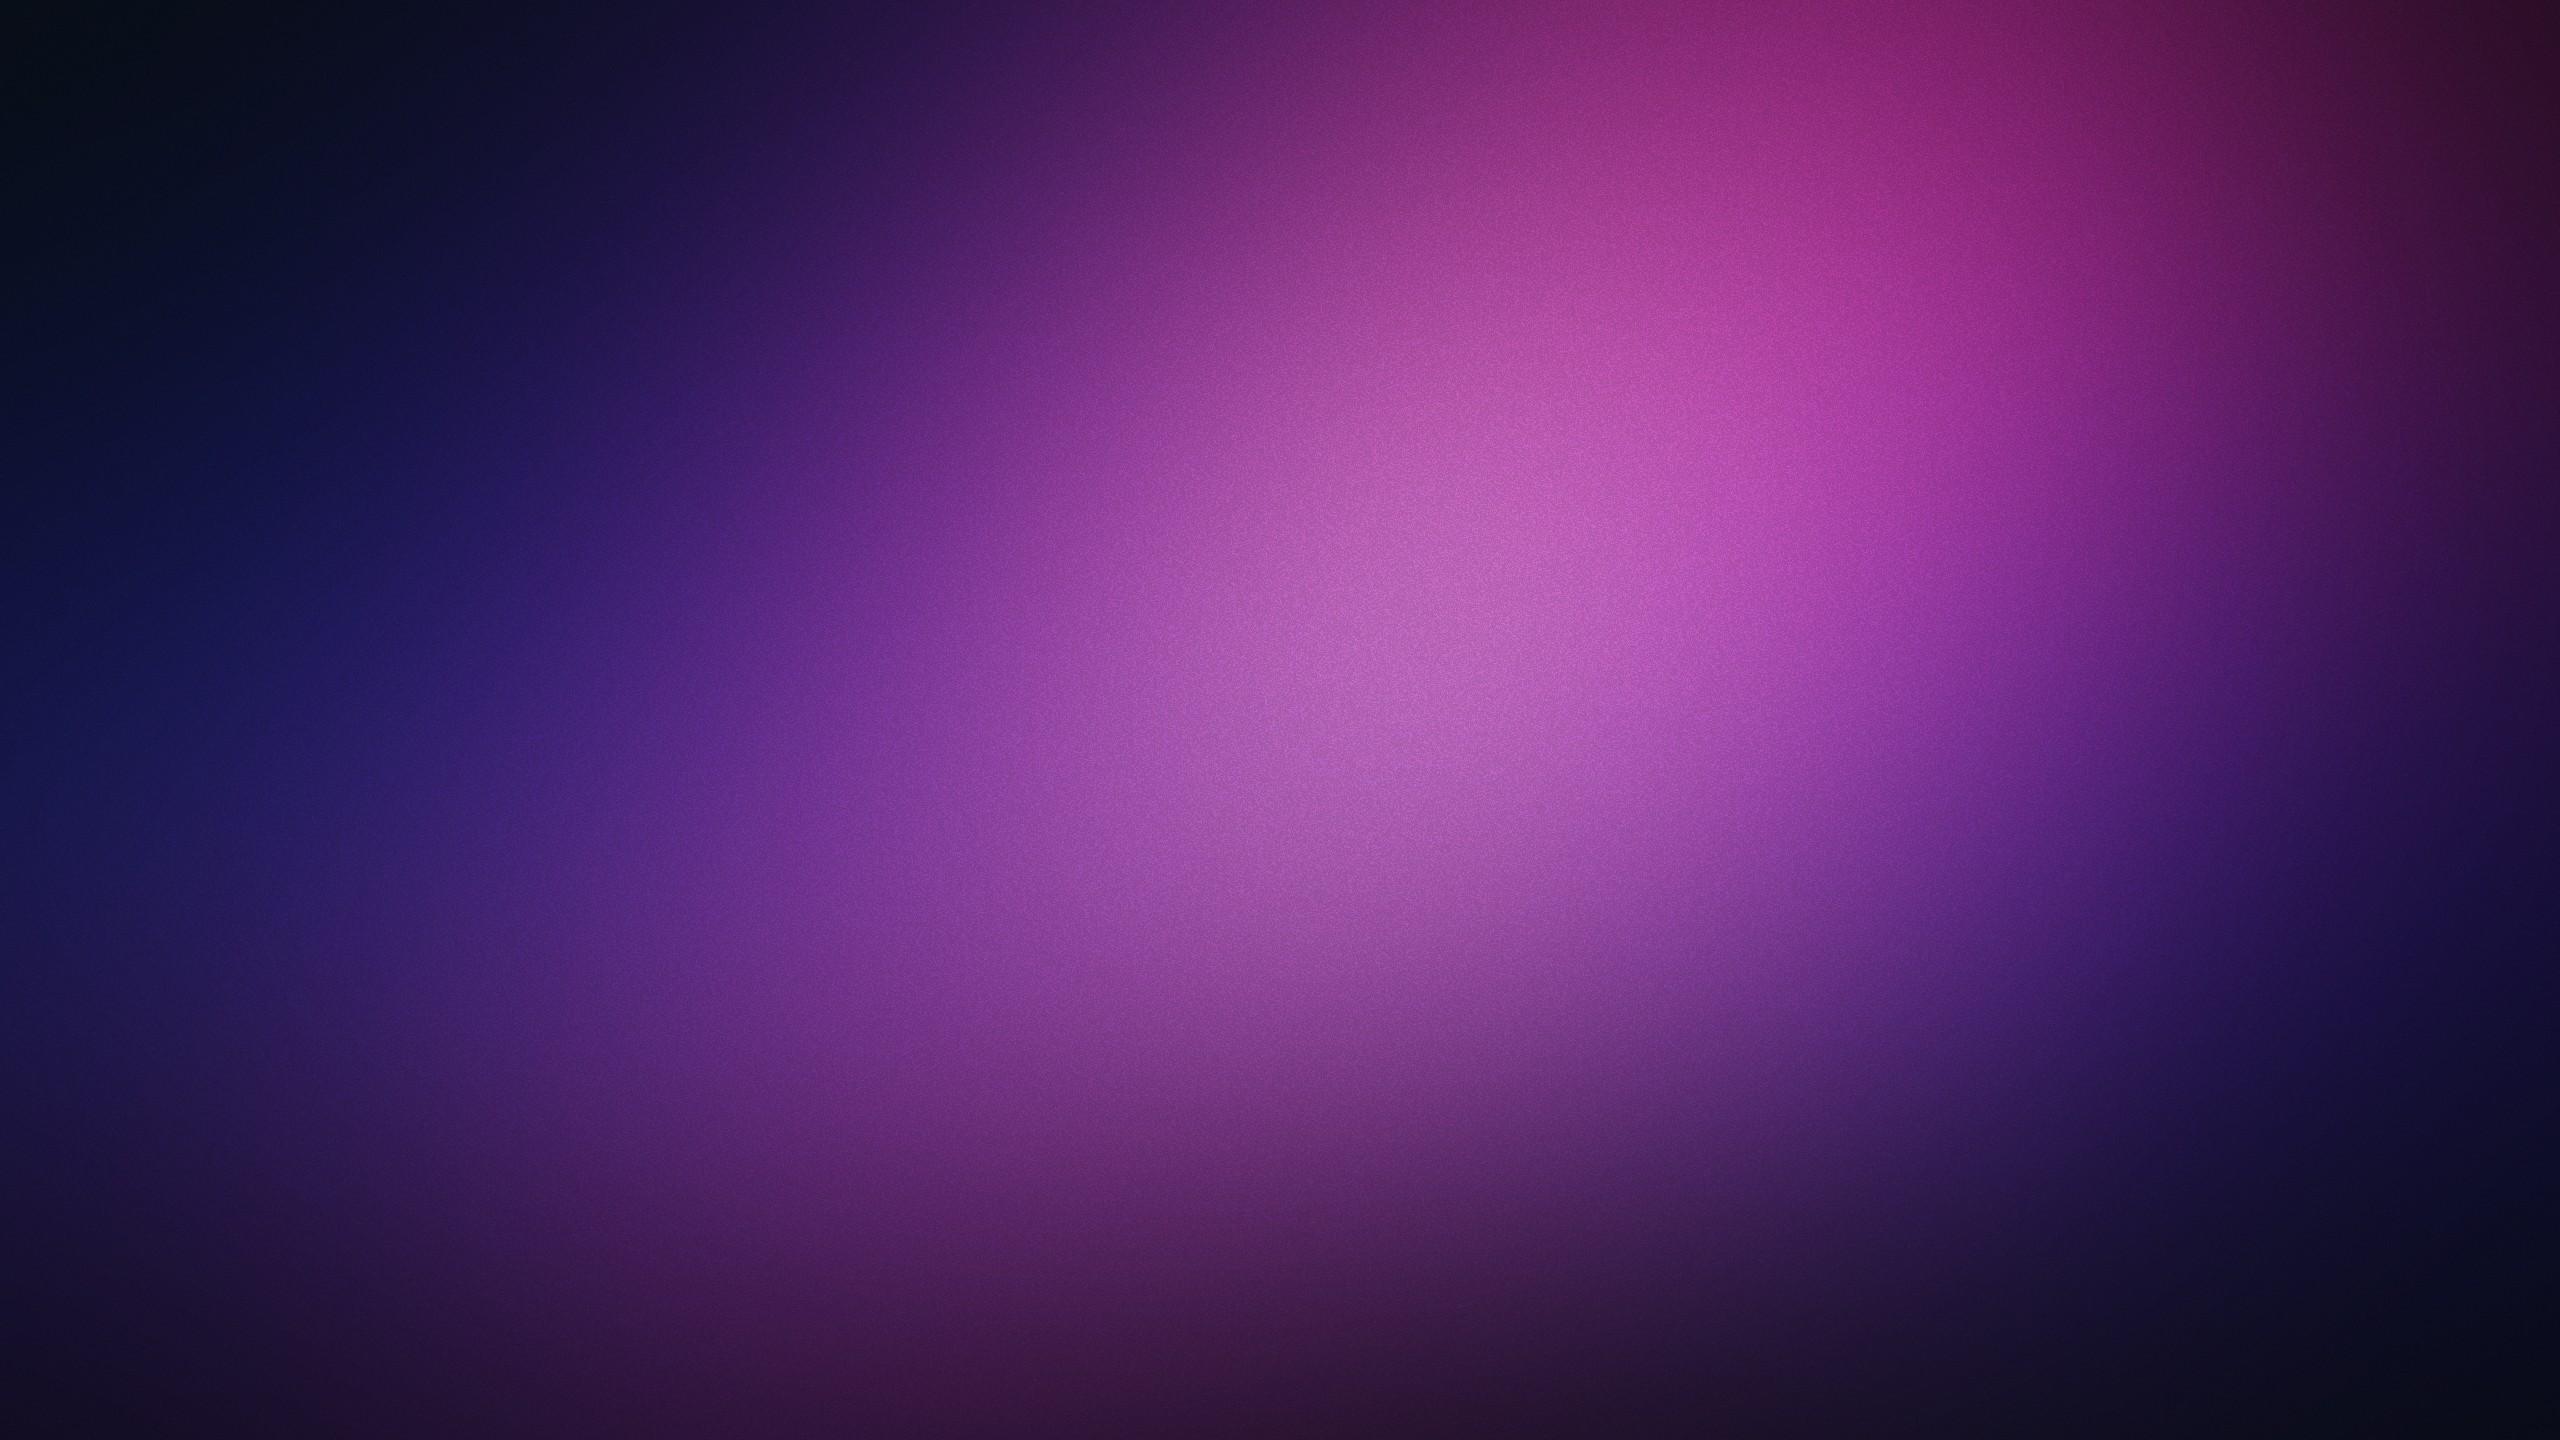 Fond d'écran : ciel, violet, bleu, simple, texture, cercle, atmosphère, reflet, lumière, Couleur ...